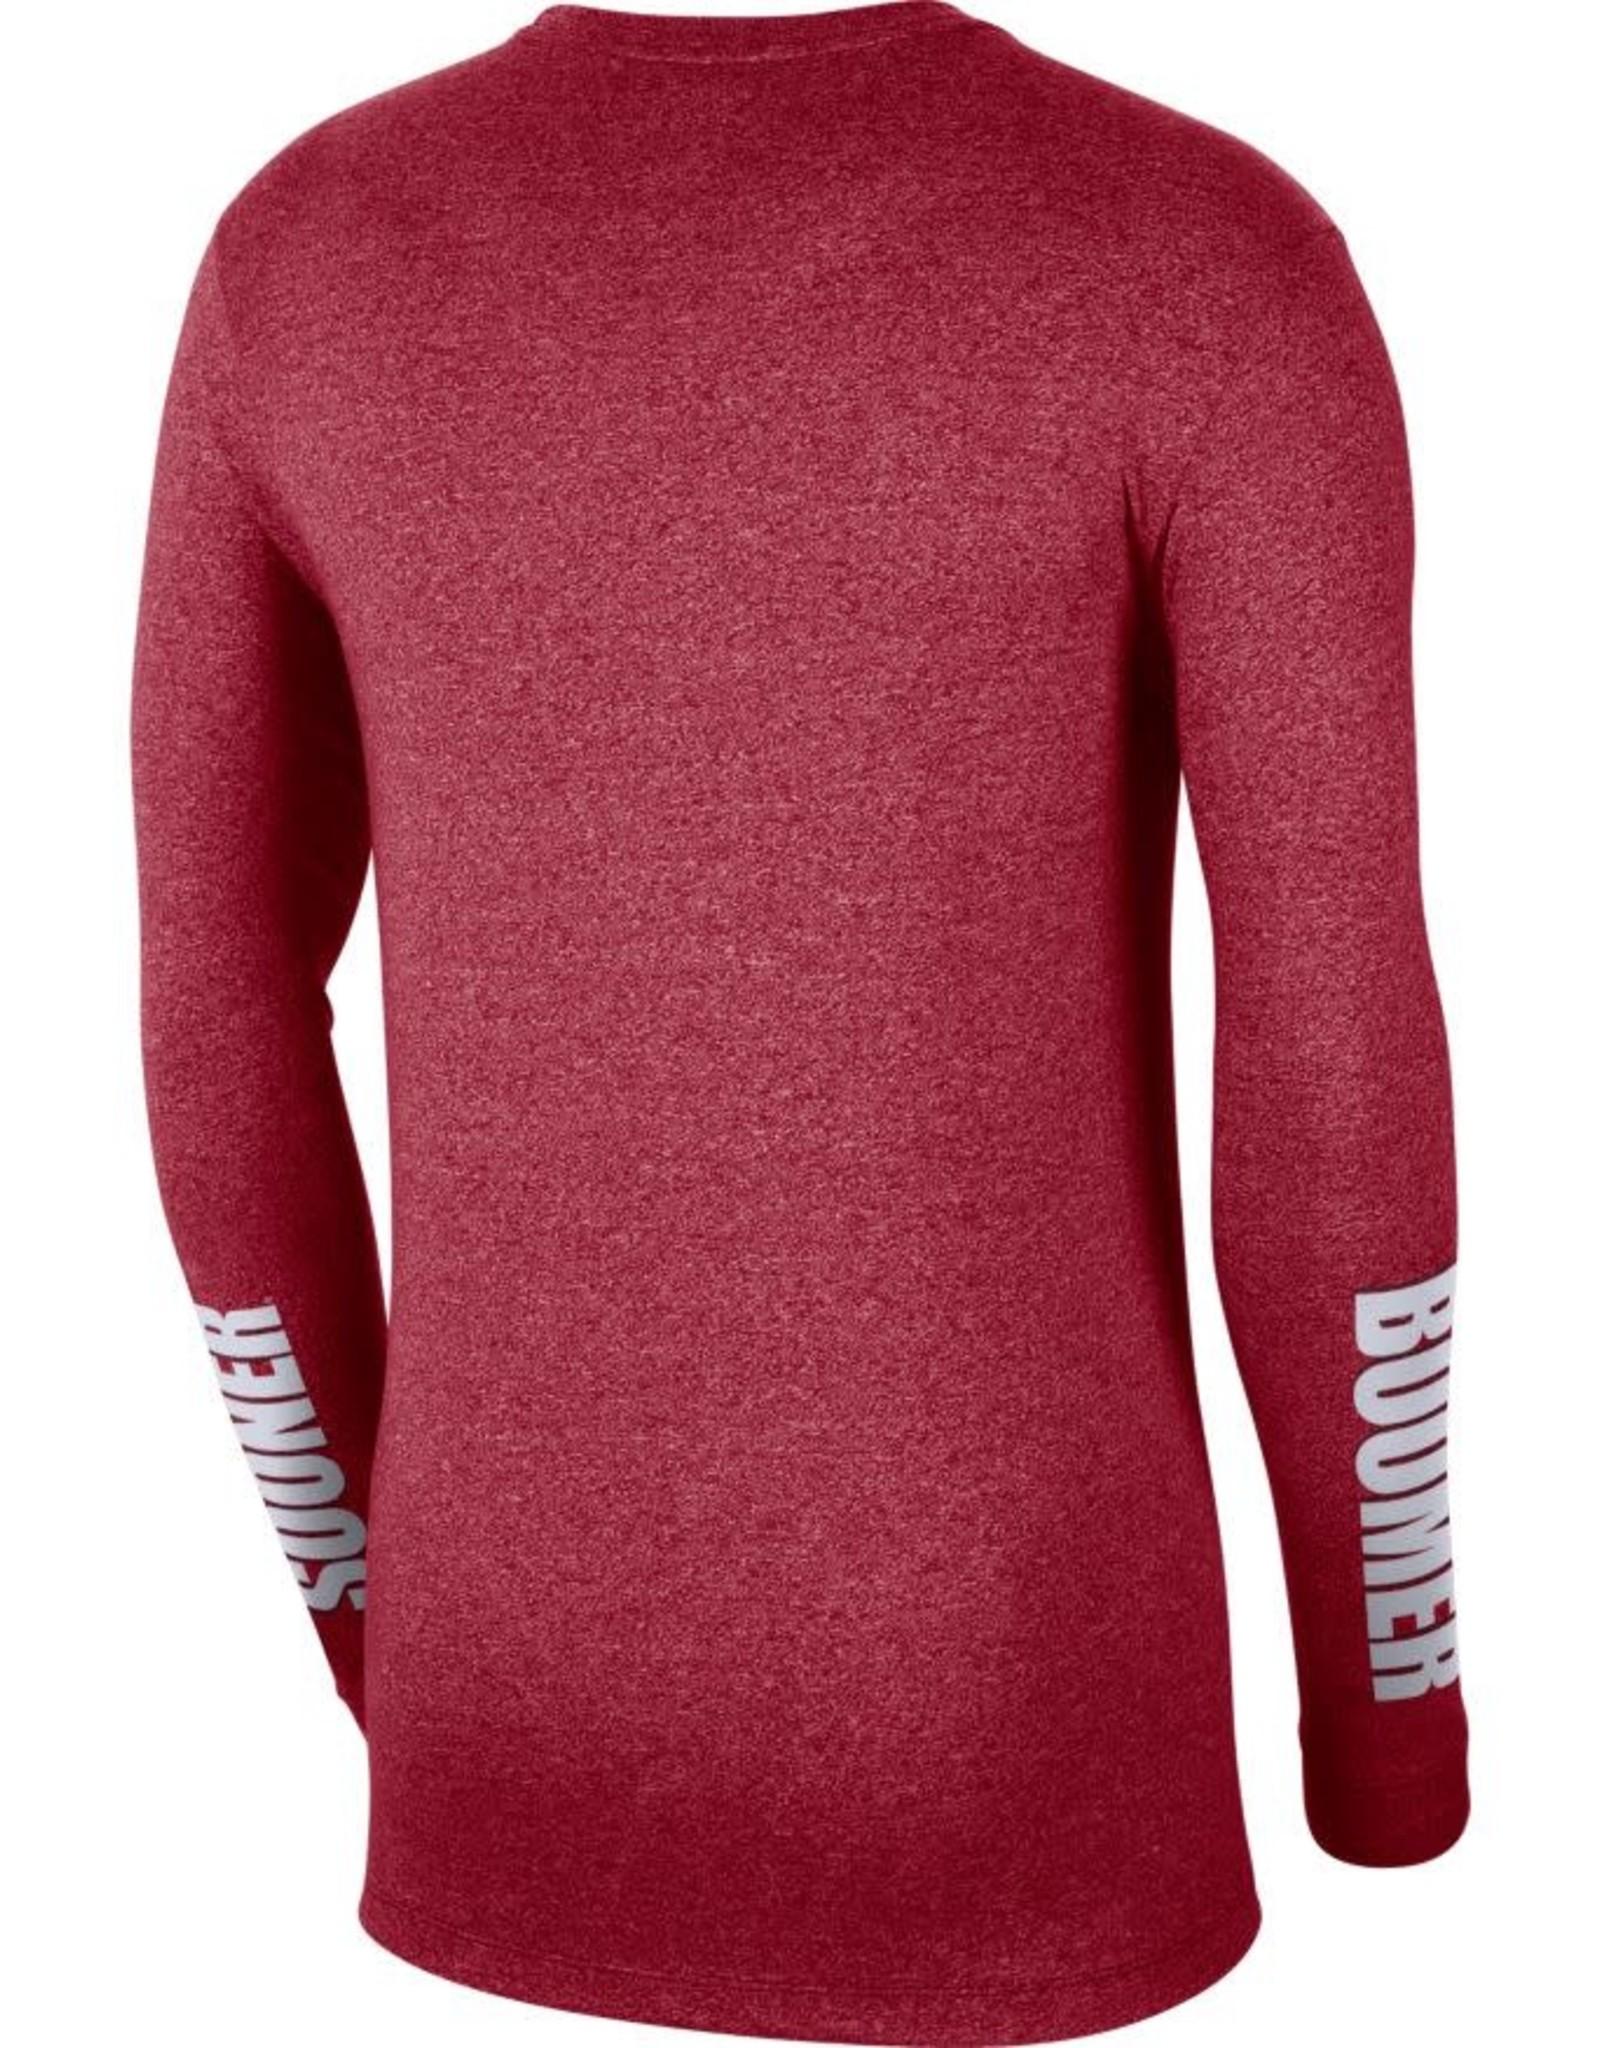 Nike Men's Nike OU Marled L/S Tee with Boomer Sooner Sleeve